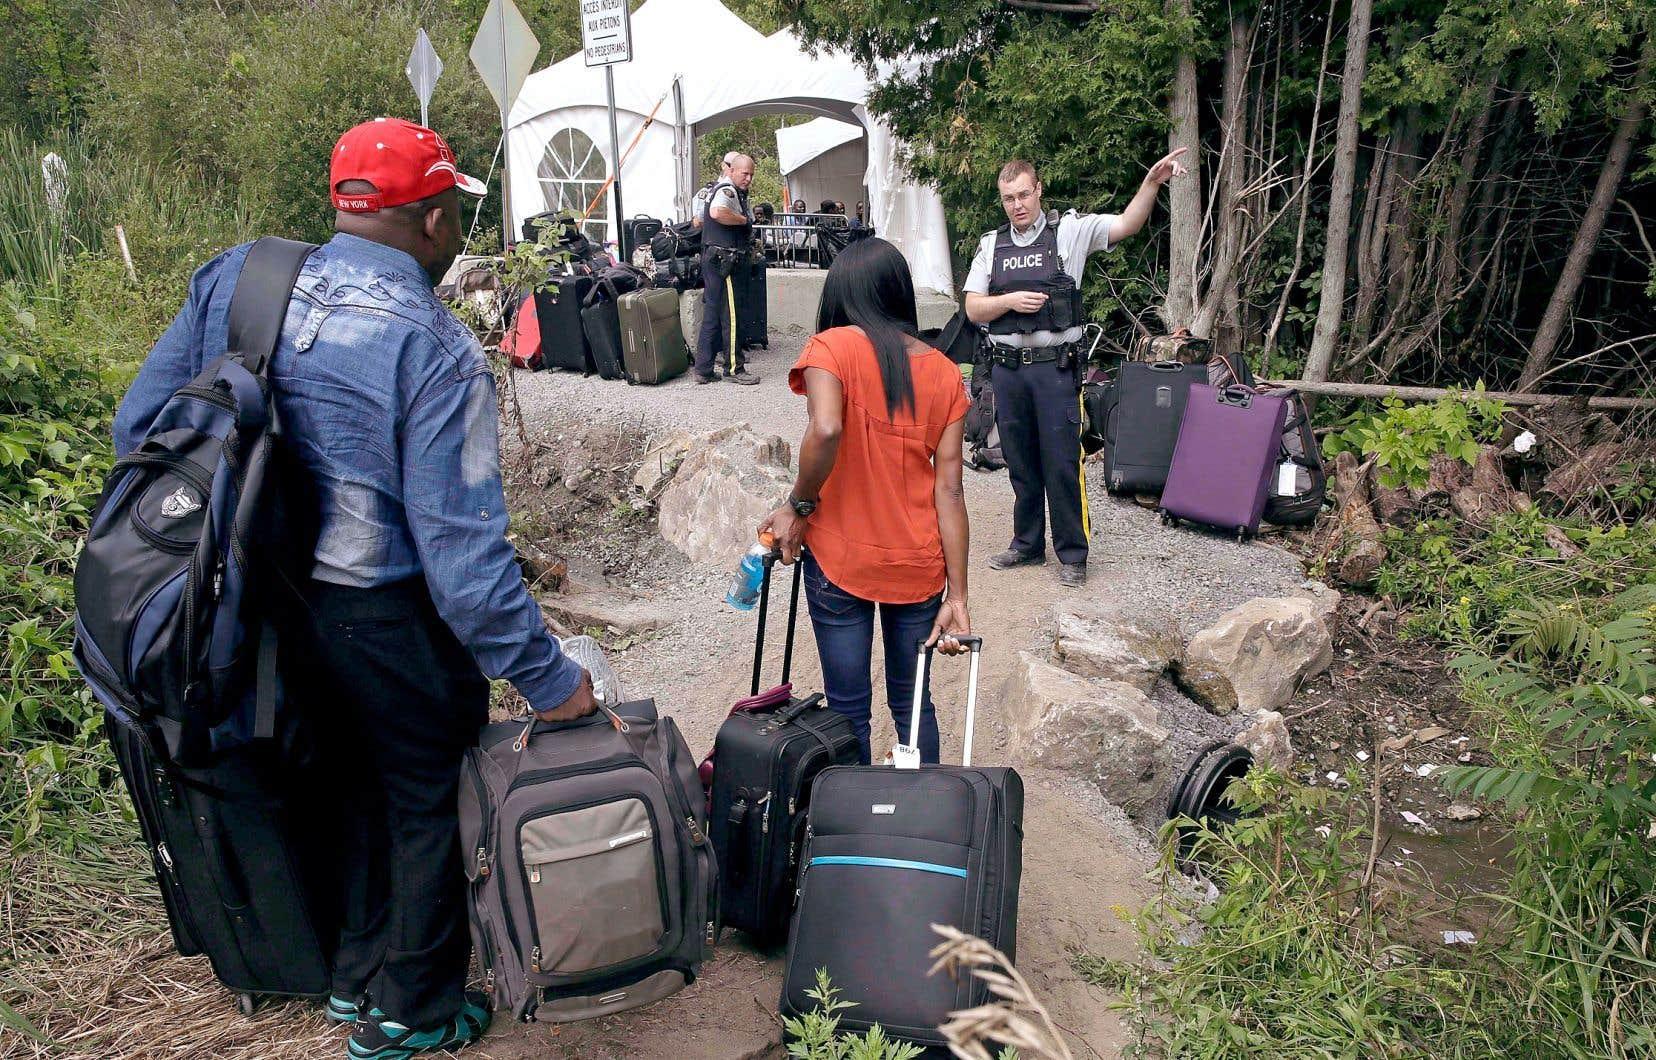 En vertu de l'Entente sur les tiers pays sûrs, le Canada et les États-Unis se reconnaissent mutuellement comme des endroits sûrs où trouver asile. Cela signifie que le Canada peut renvoyer aux États-Unis les réfugiés potentiels qui se présentent aux points d'entrée terrestres, parce qu'ils doivent faire valoir leurs droits où ils sont arrivés en premier.